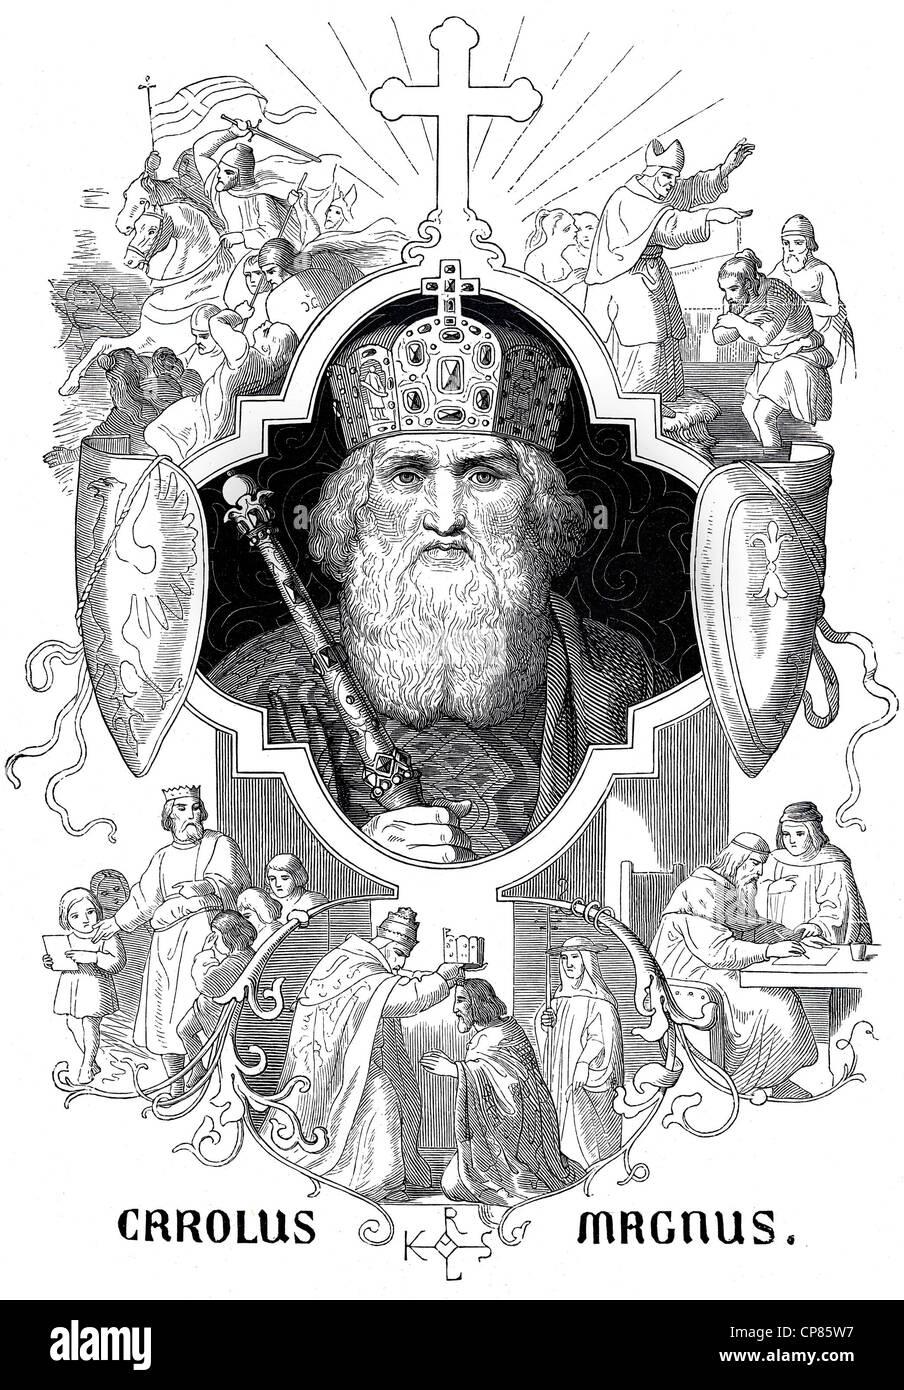 Charles the Great, Carolus Magnus, Charlemagne, historical illustration, Karl der Große oder Carolus Magnus - Stock Image